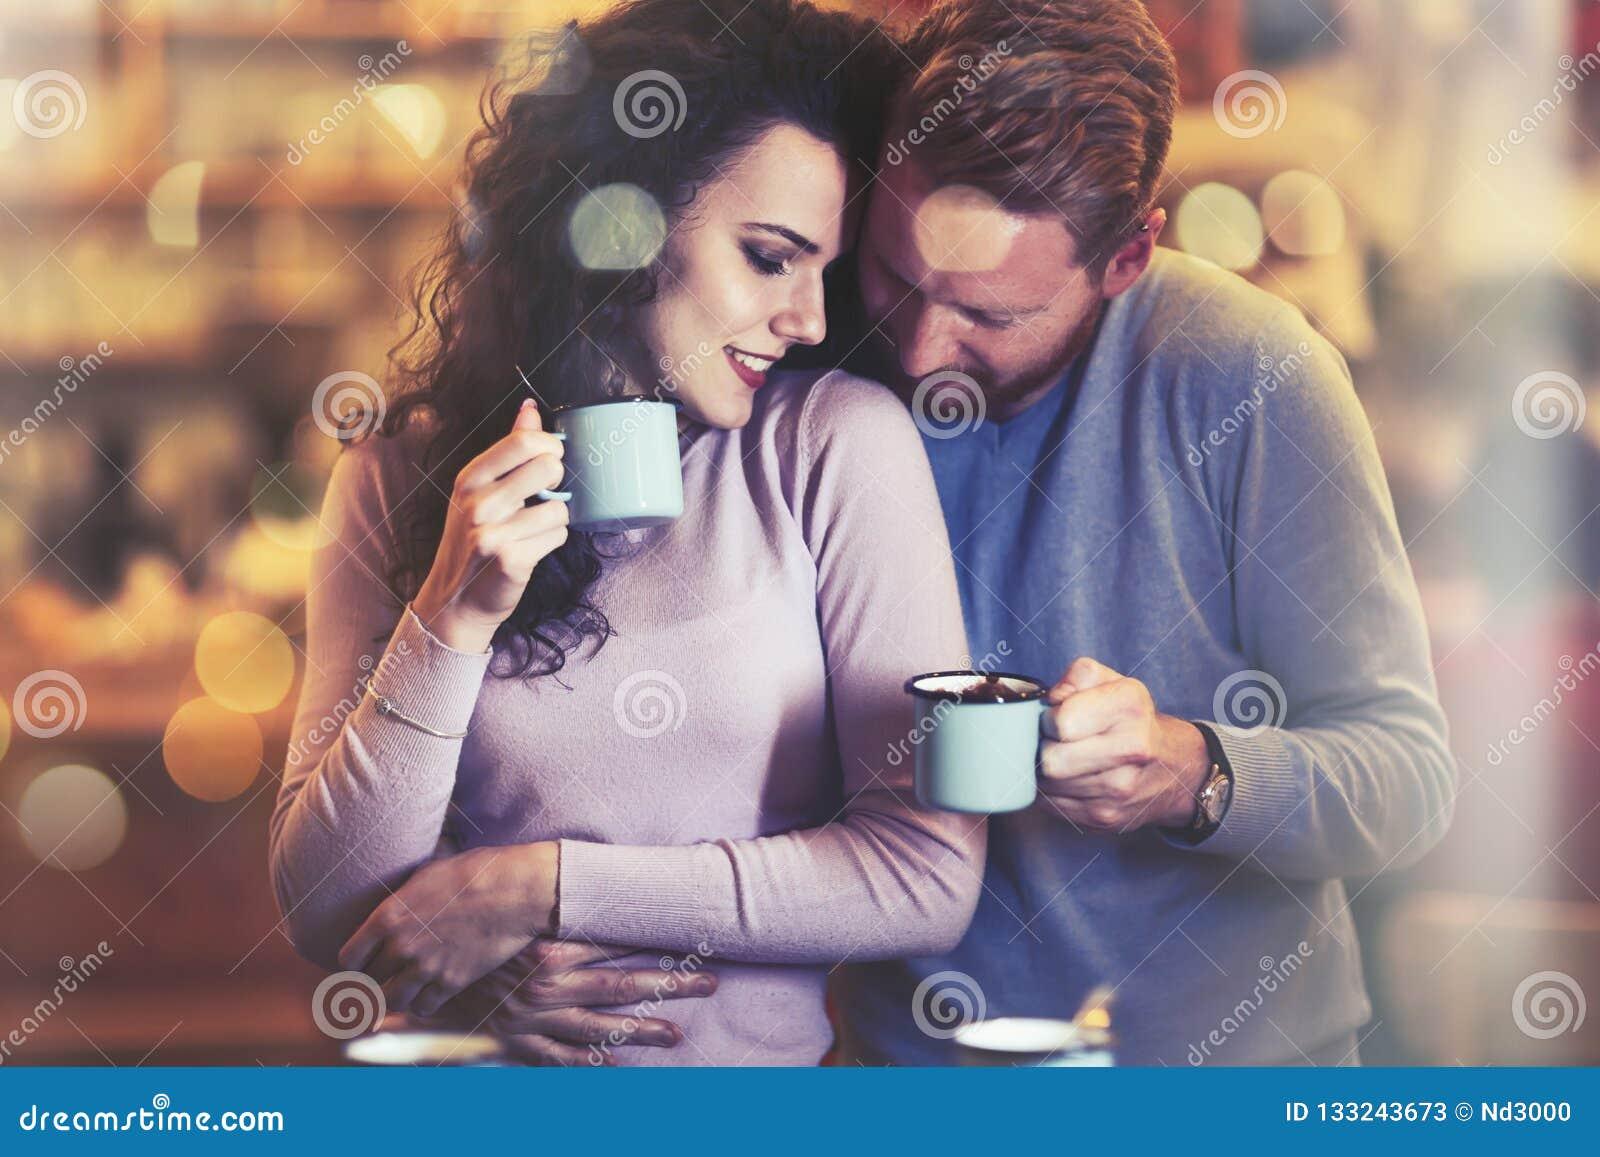 Dating uw zelfde astrologisch teken